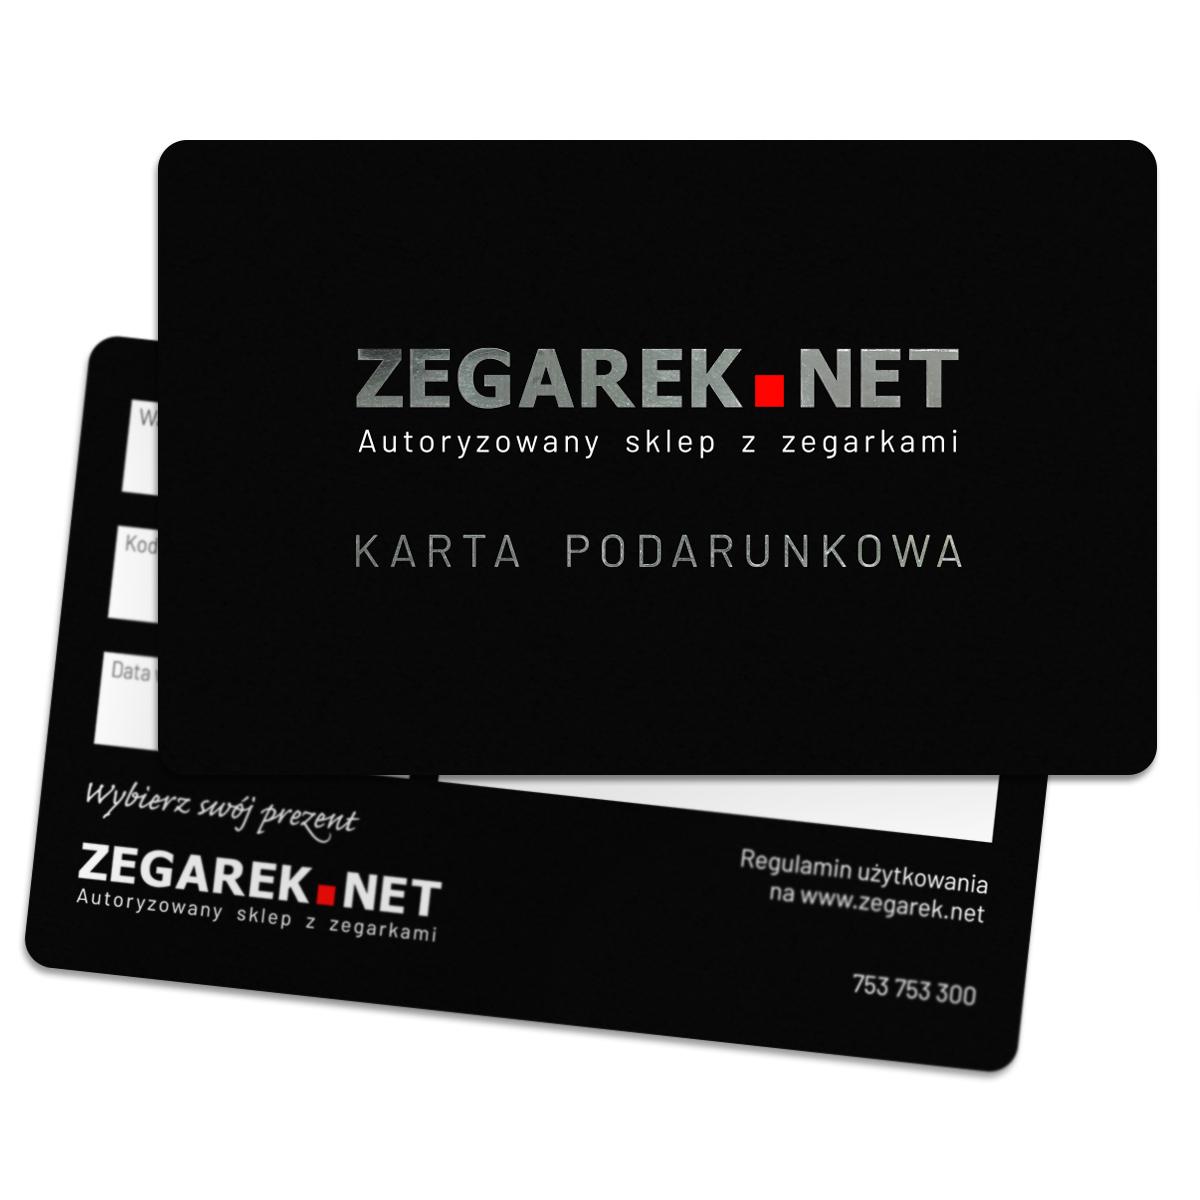 ZEGAREKNET Karta podarunkowa 500 zł